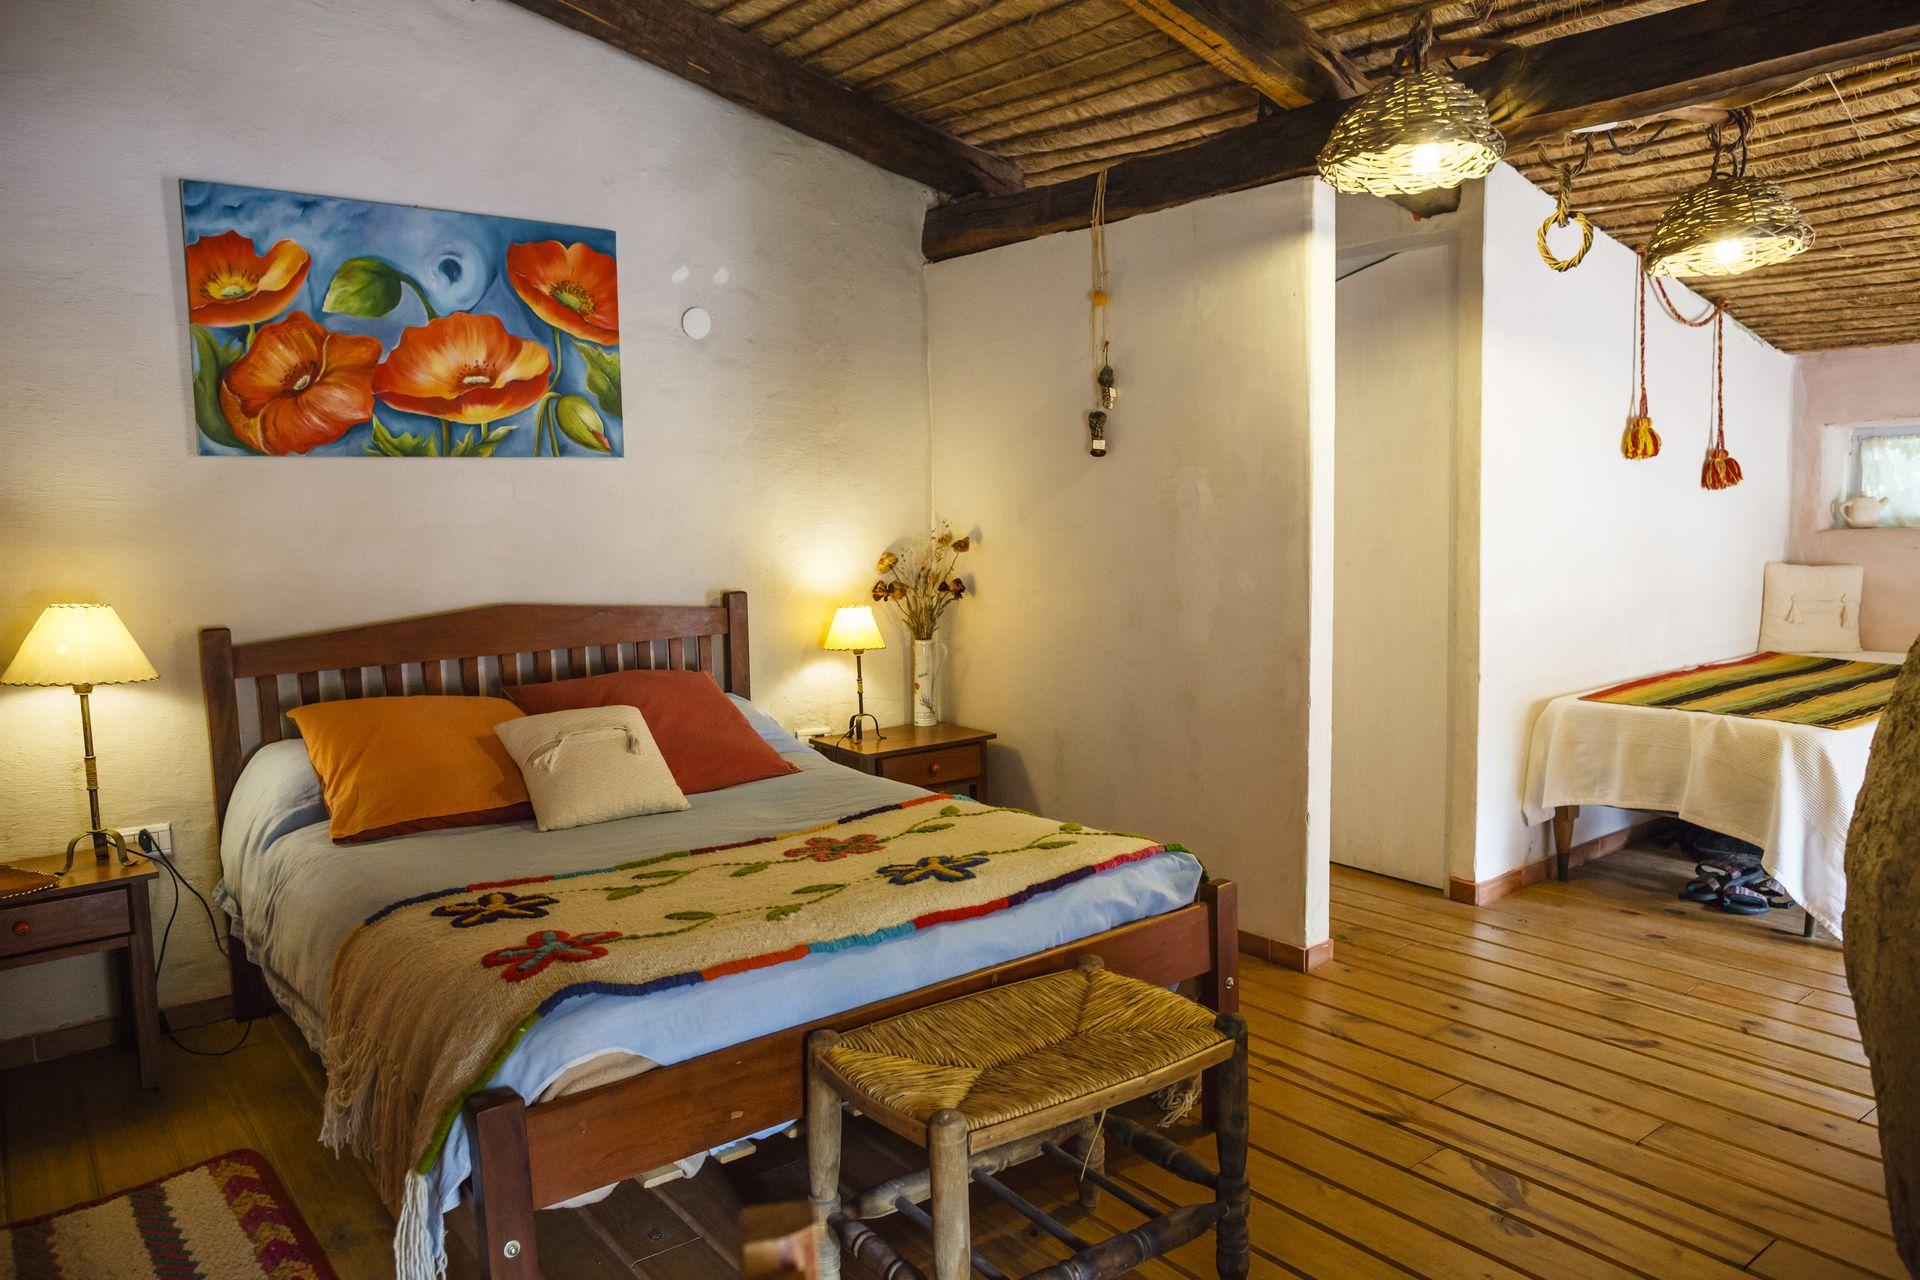 Una de las habitaciones de Inti Watana, decorada con tejidos norteños y muebles hechos por artesanos de la zona.